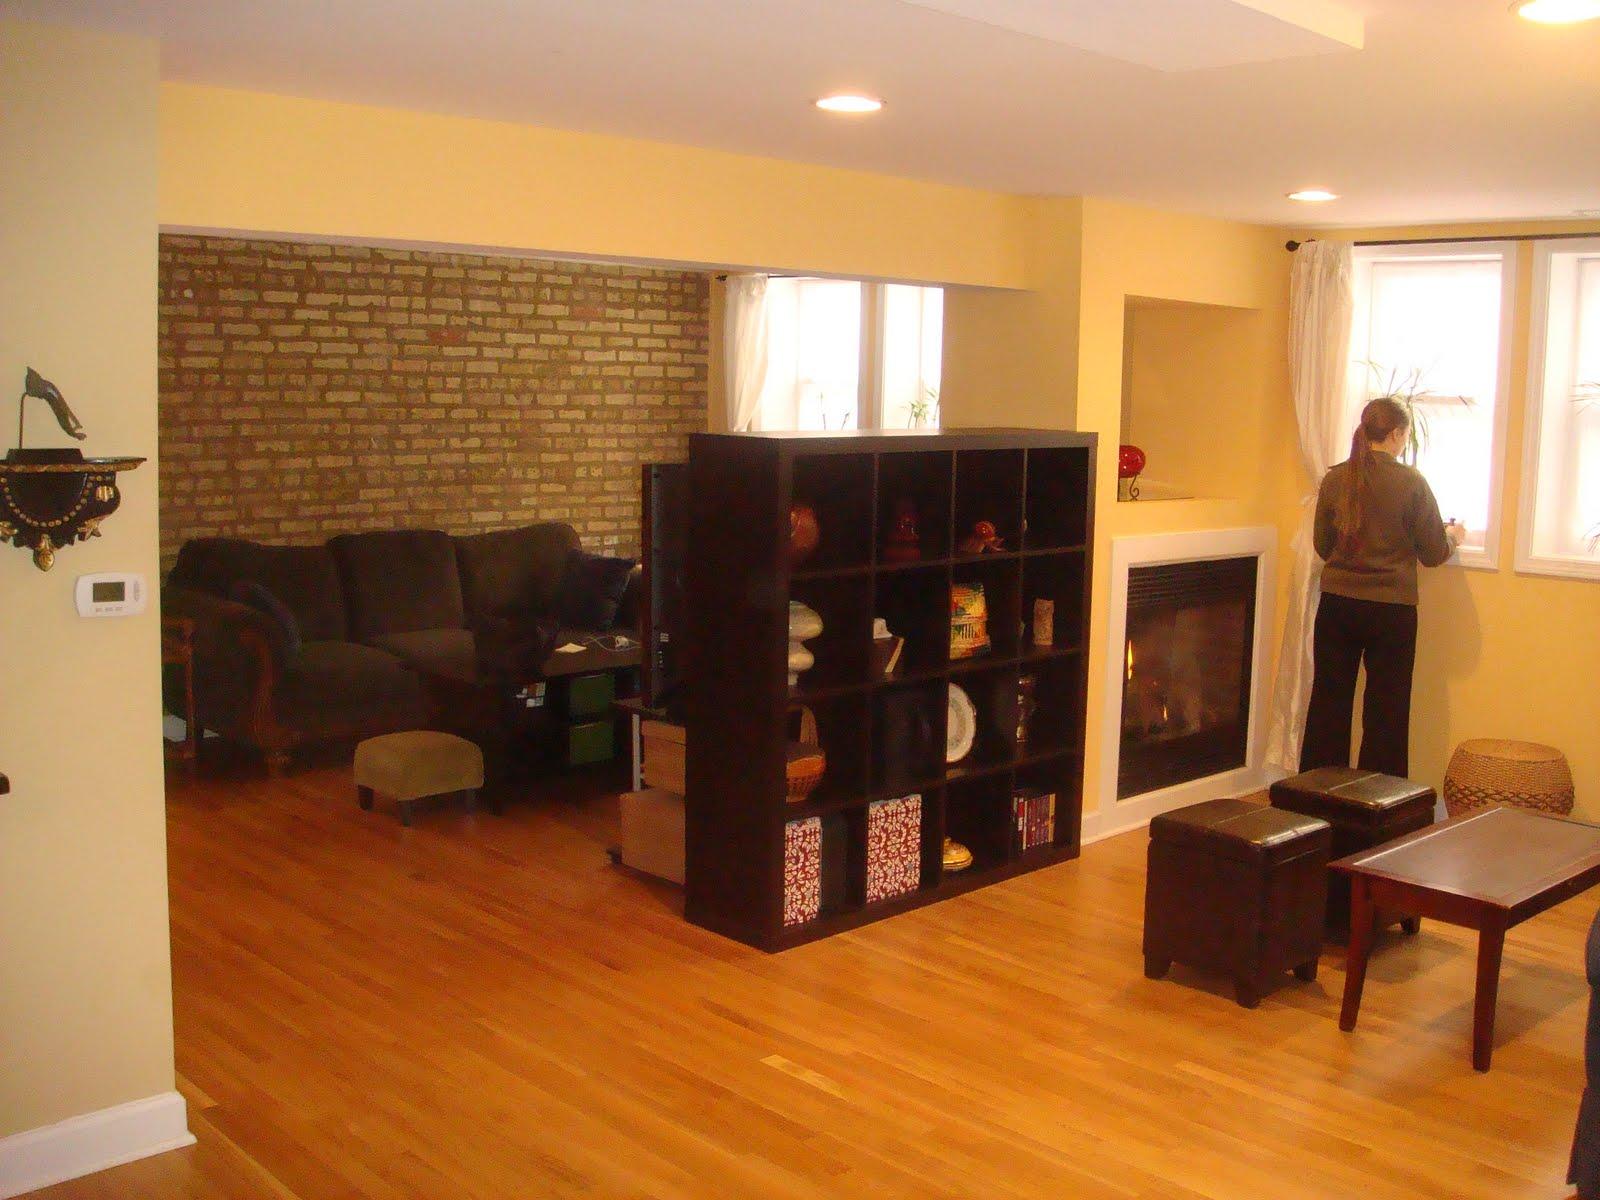 The Chicago Real Estate Local: Chicago garden apartments and condos ...